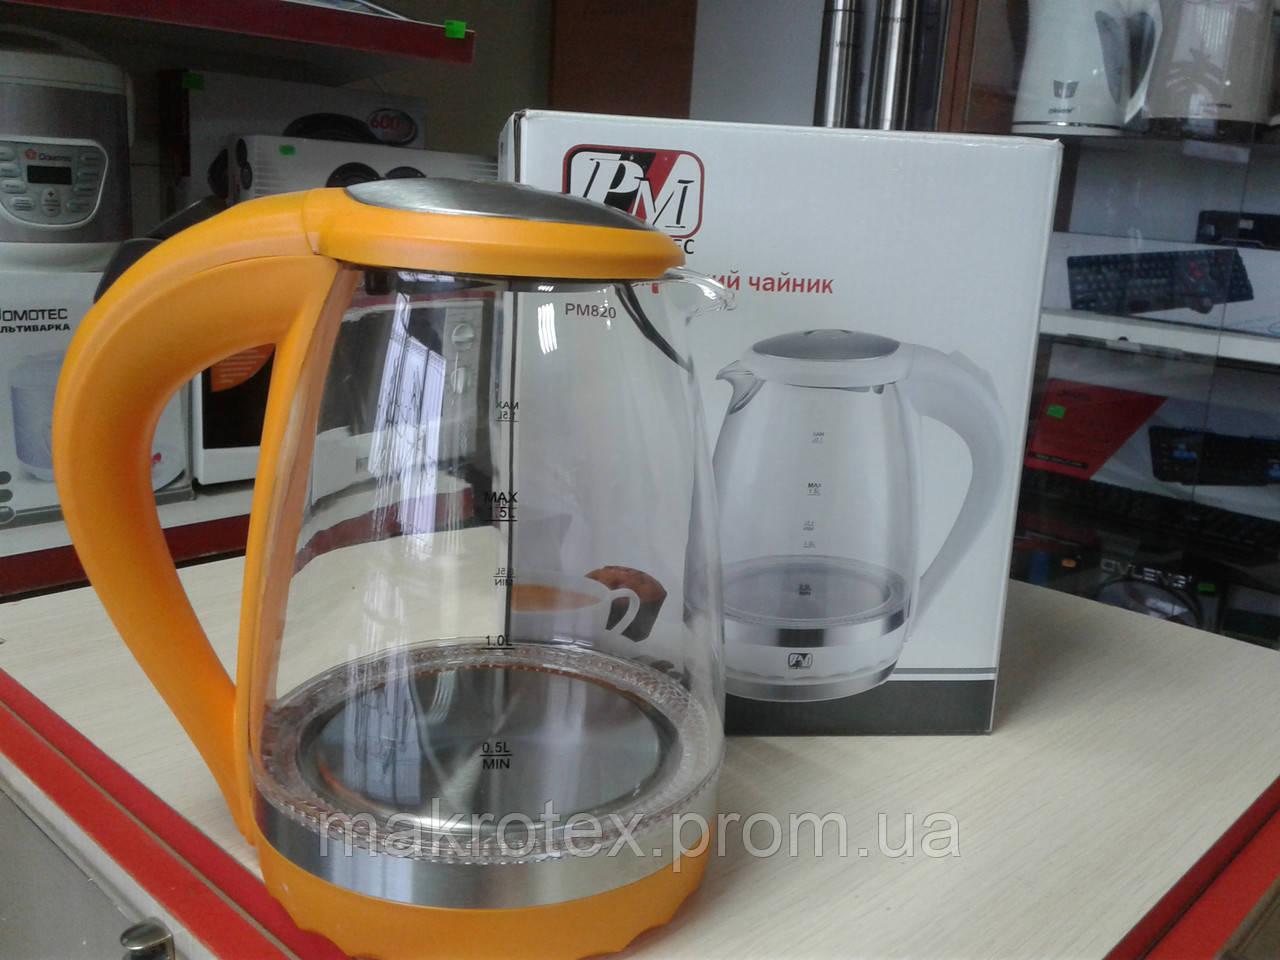 Электрический чайник Promotec PM 820